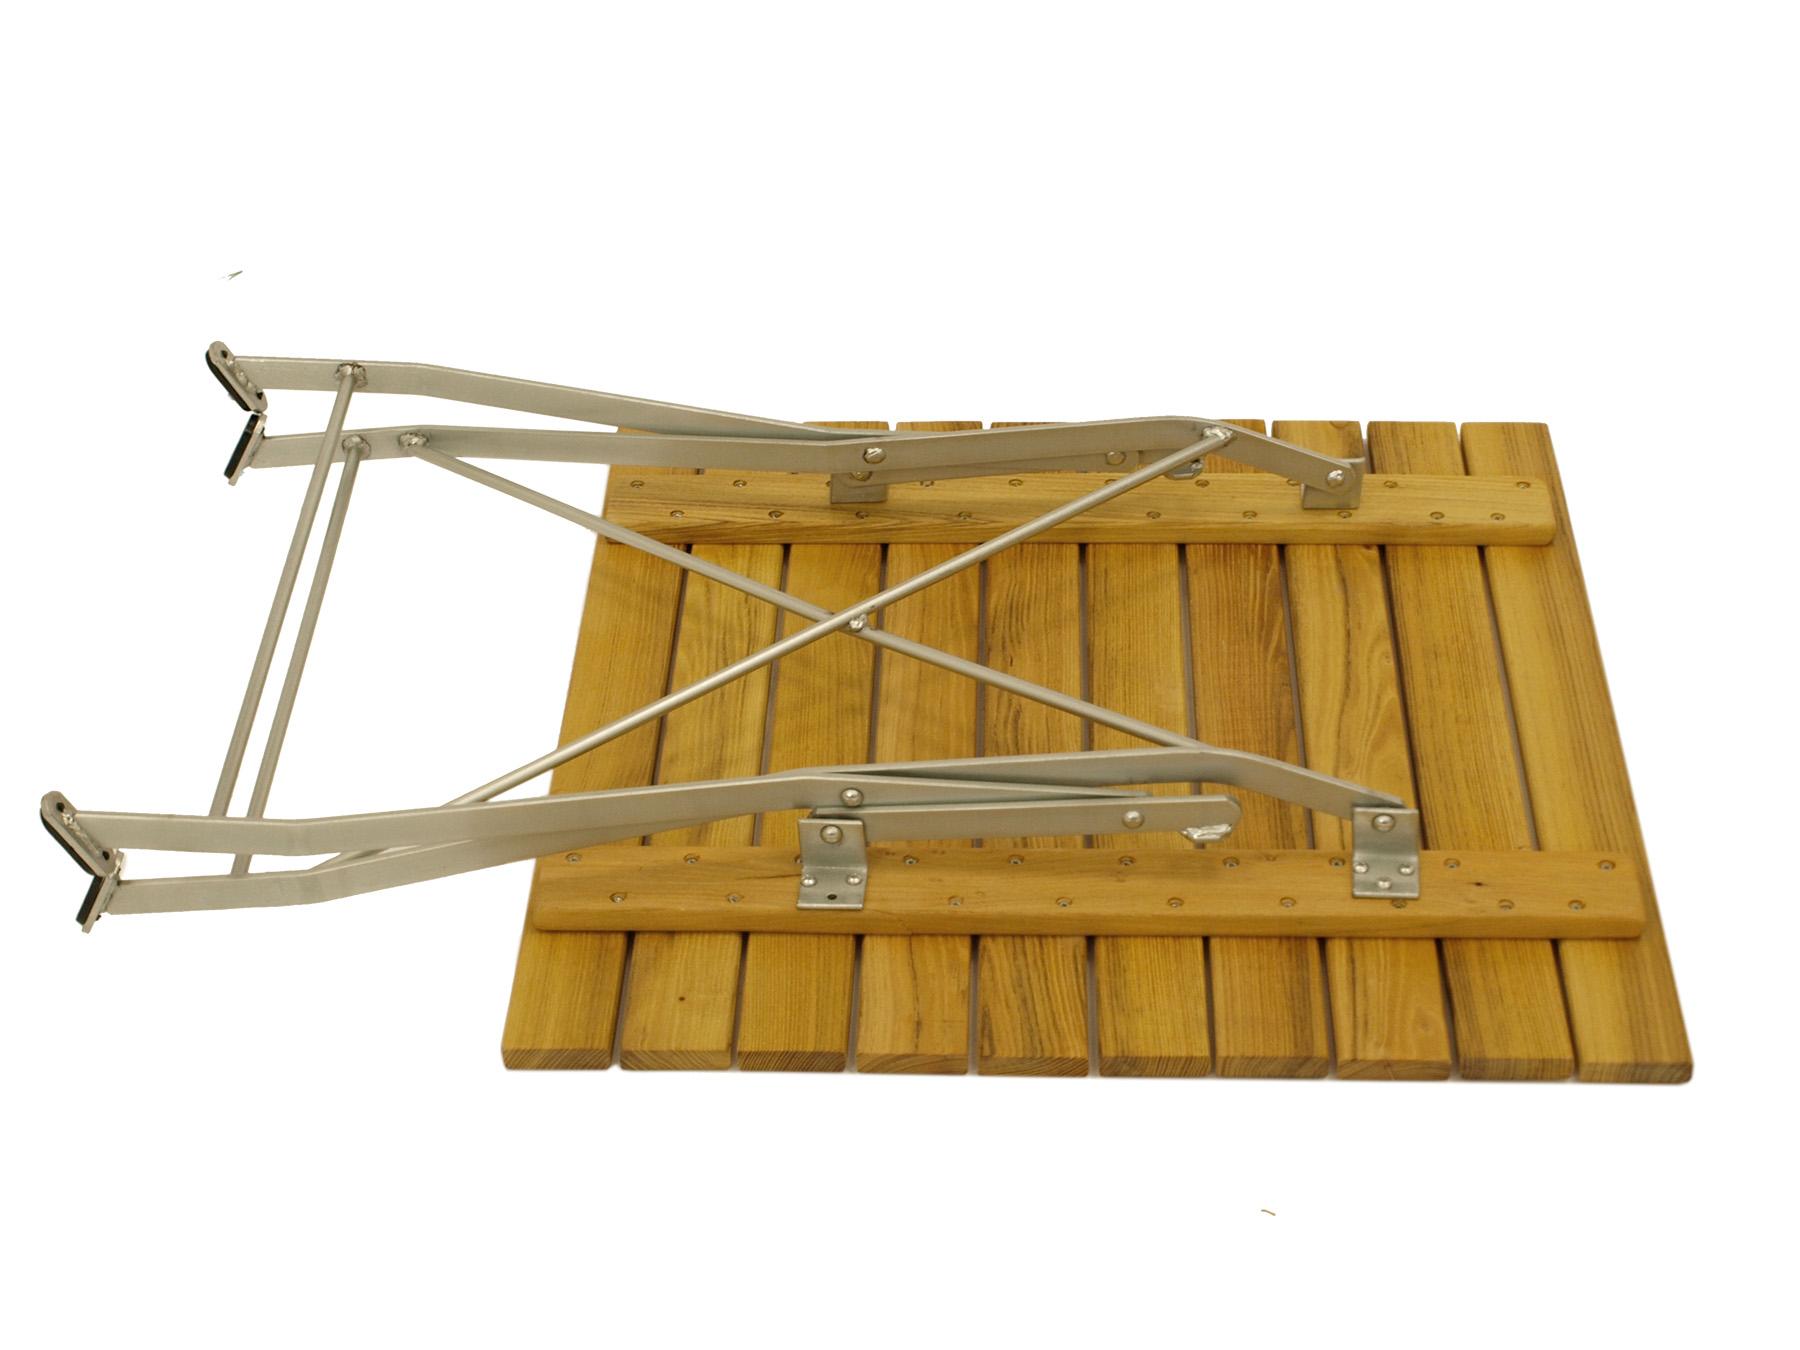 Klapptisch BAD TÖLZ 70x70cm, Flachstahl verzinkt + Robinie